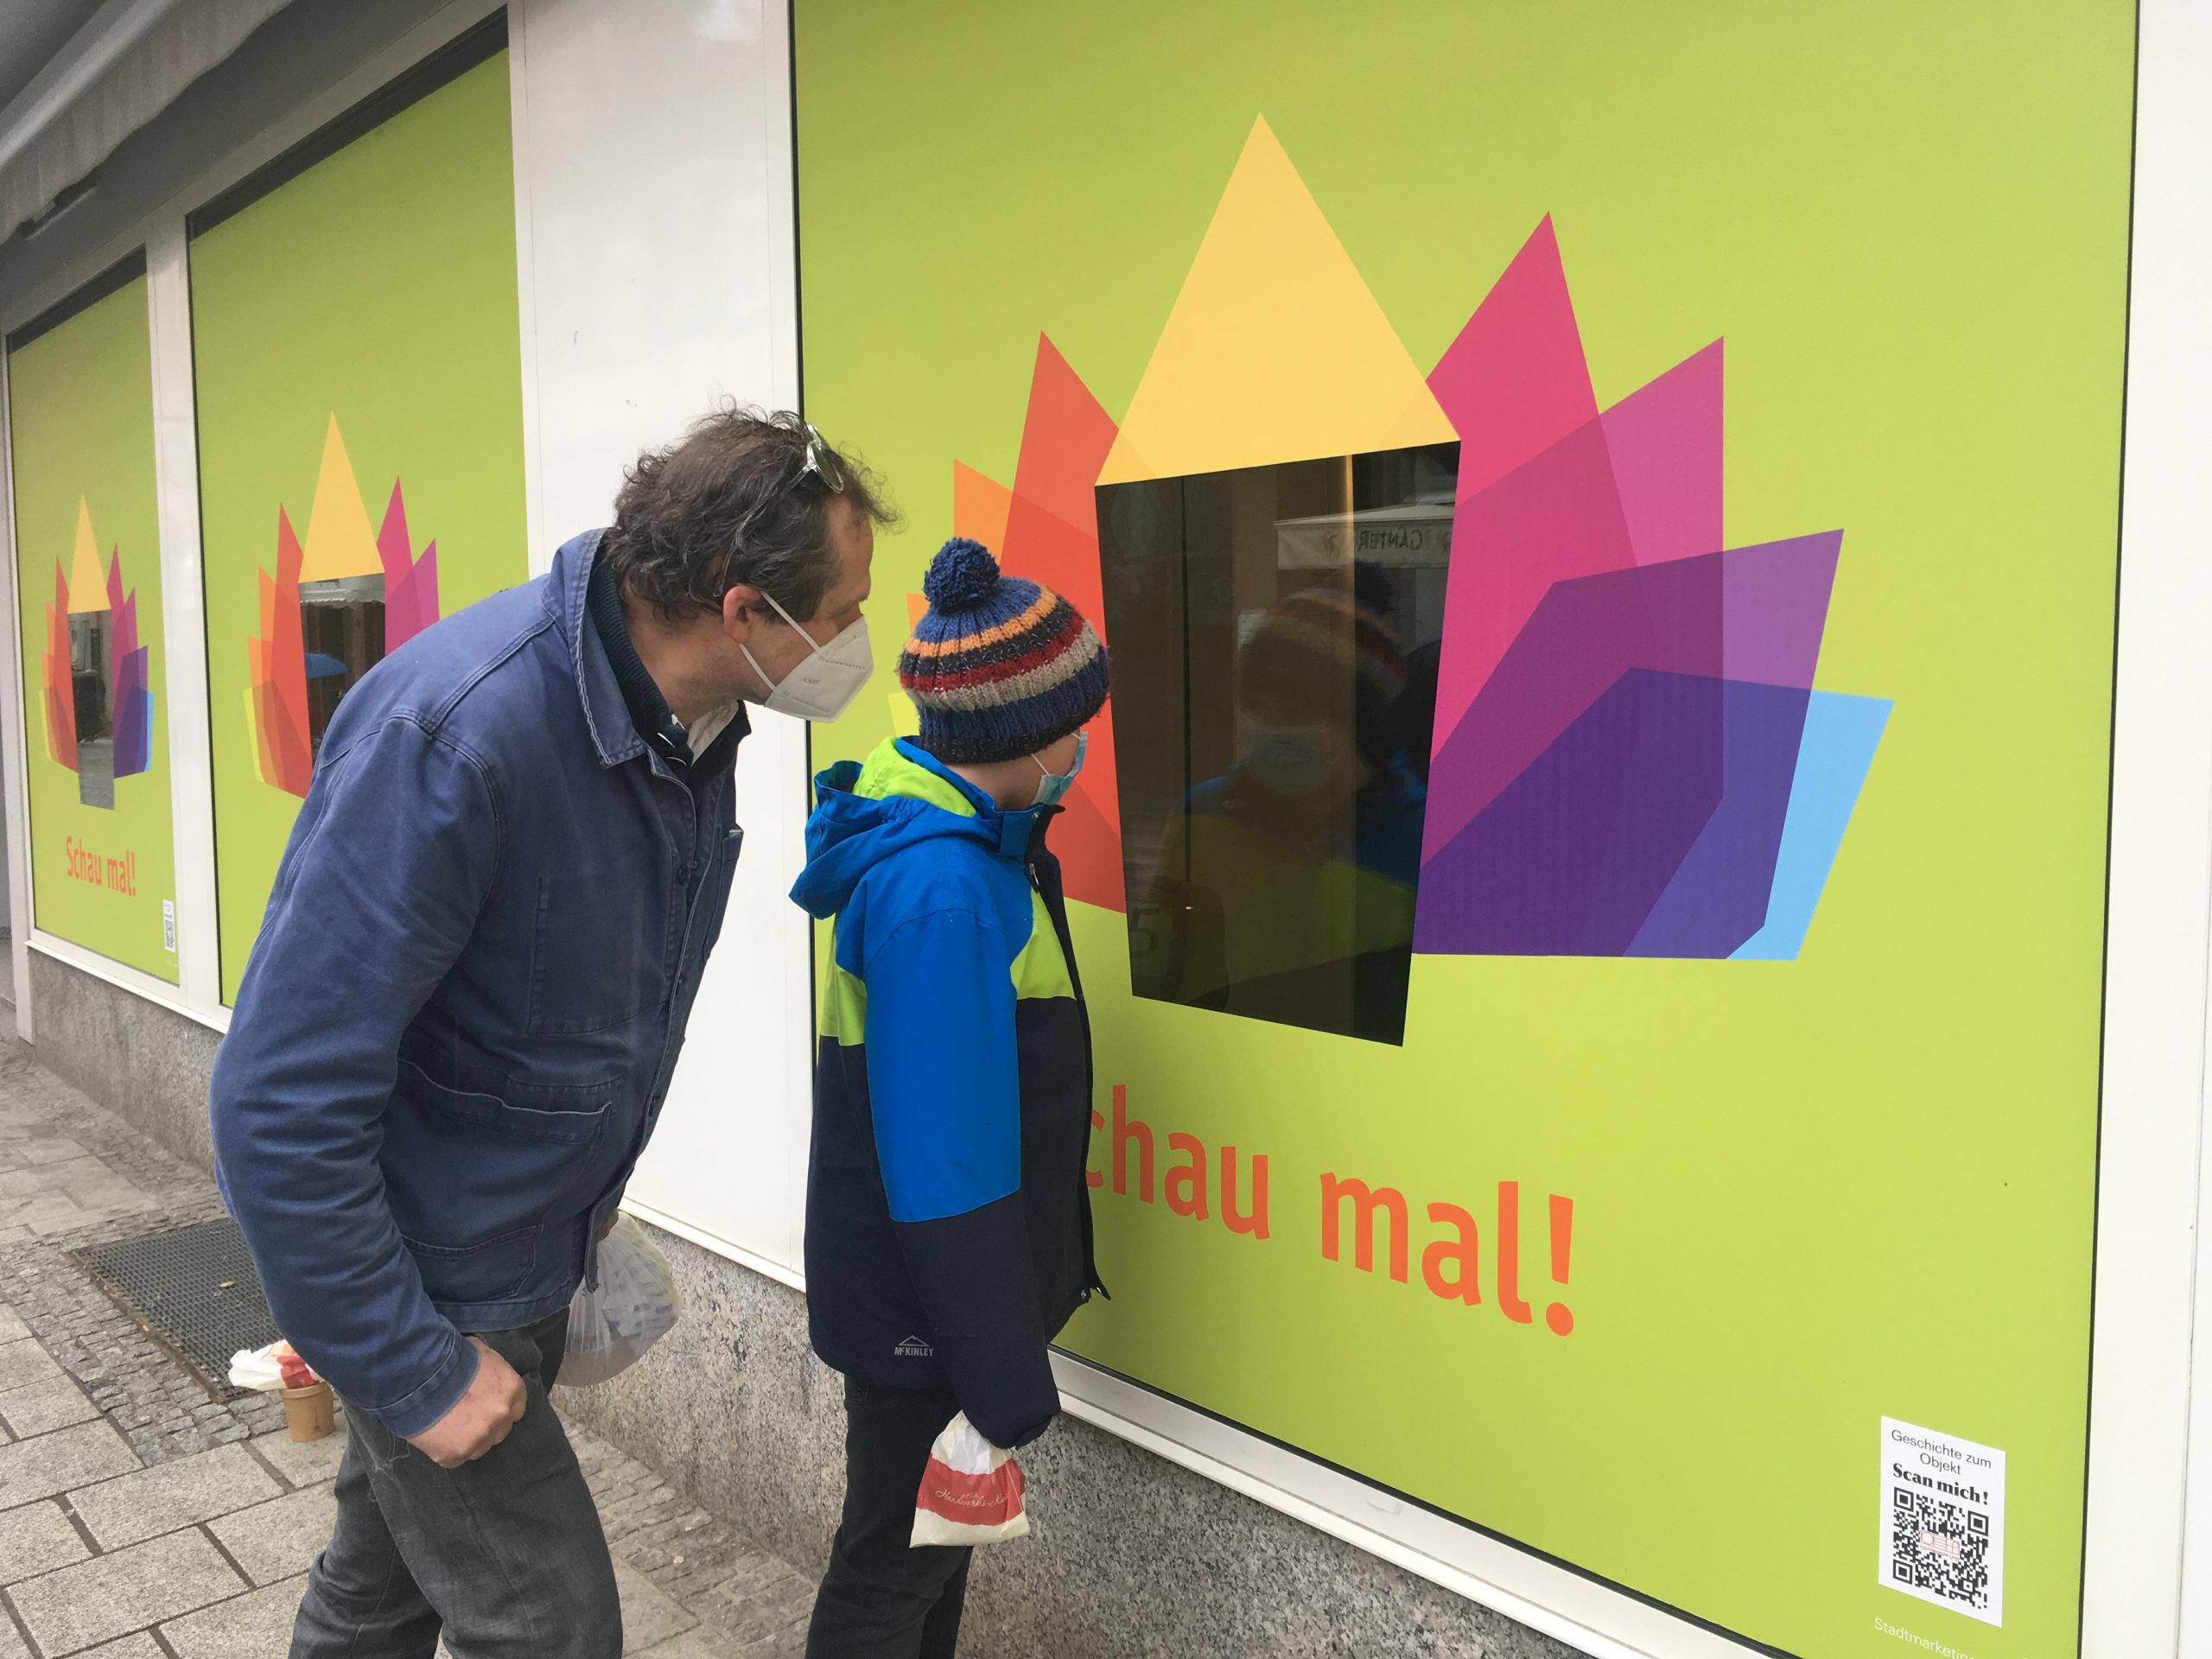 Schau mal-Stefan und Moritz Pöhler spickeln in die Schaufenster der Aktion Schau mal! Fotograf und Copyright Stadt Lahr2021